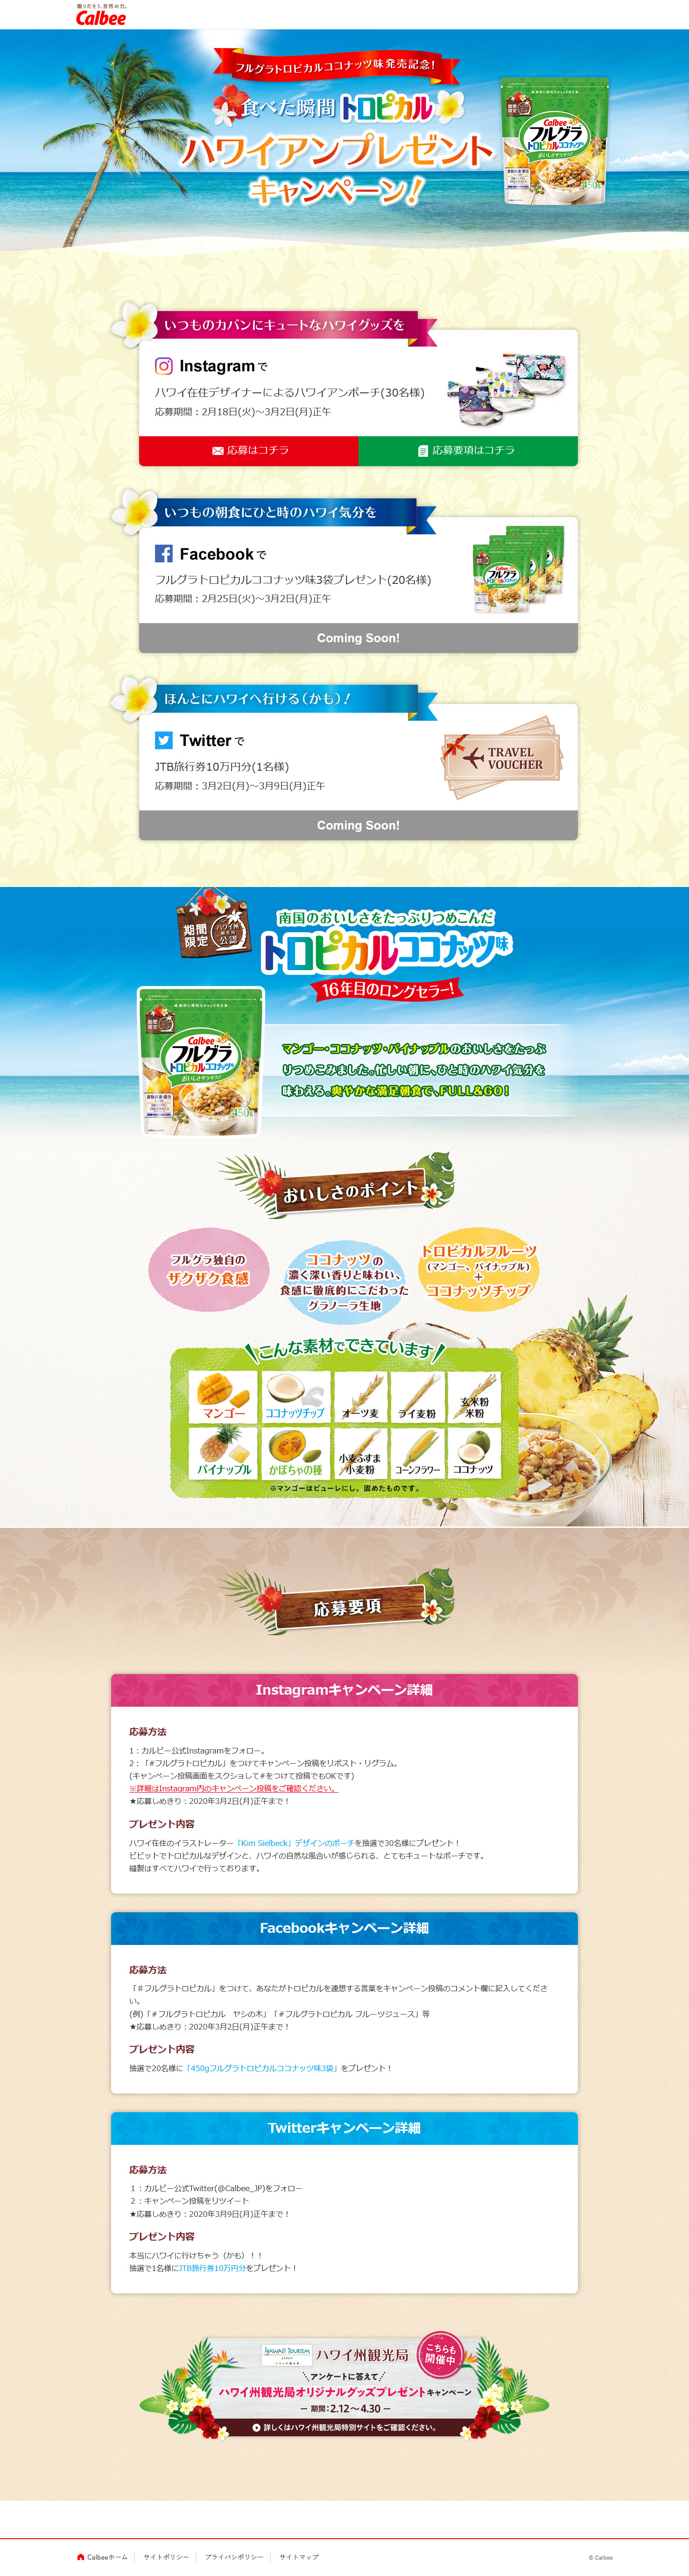 フルグラトロピカルココナッツ味発売記念キャンペーン